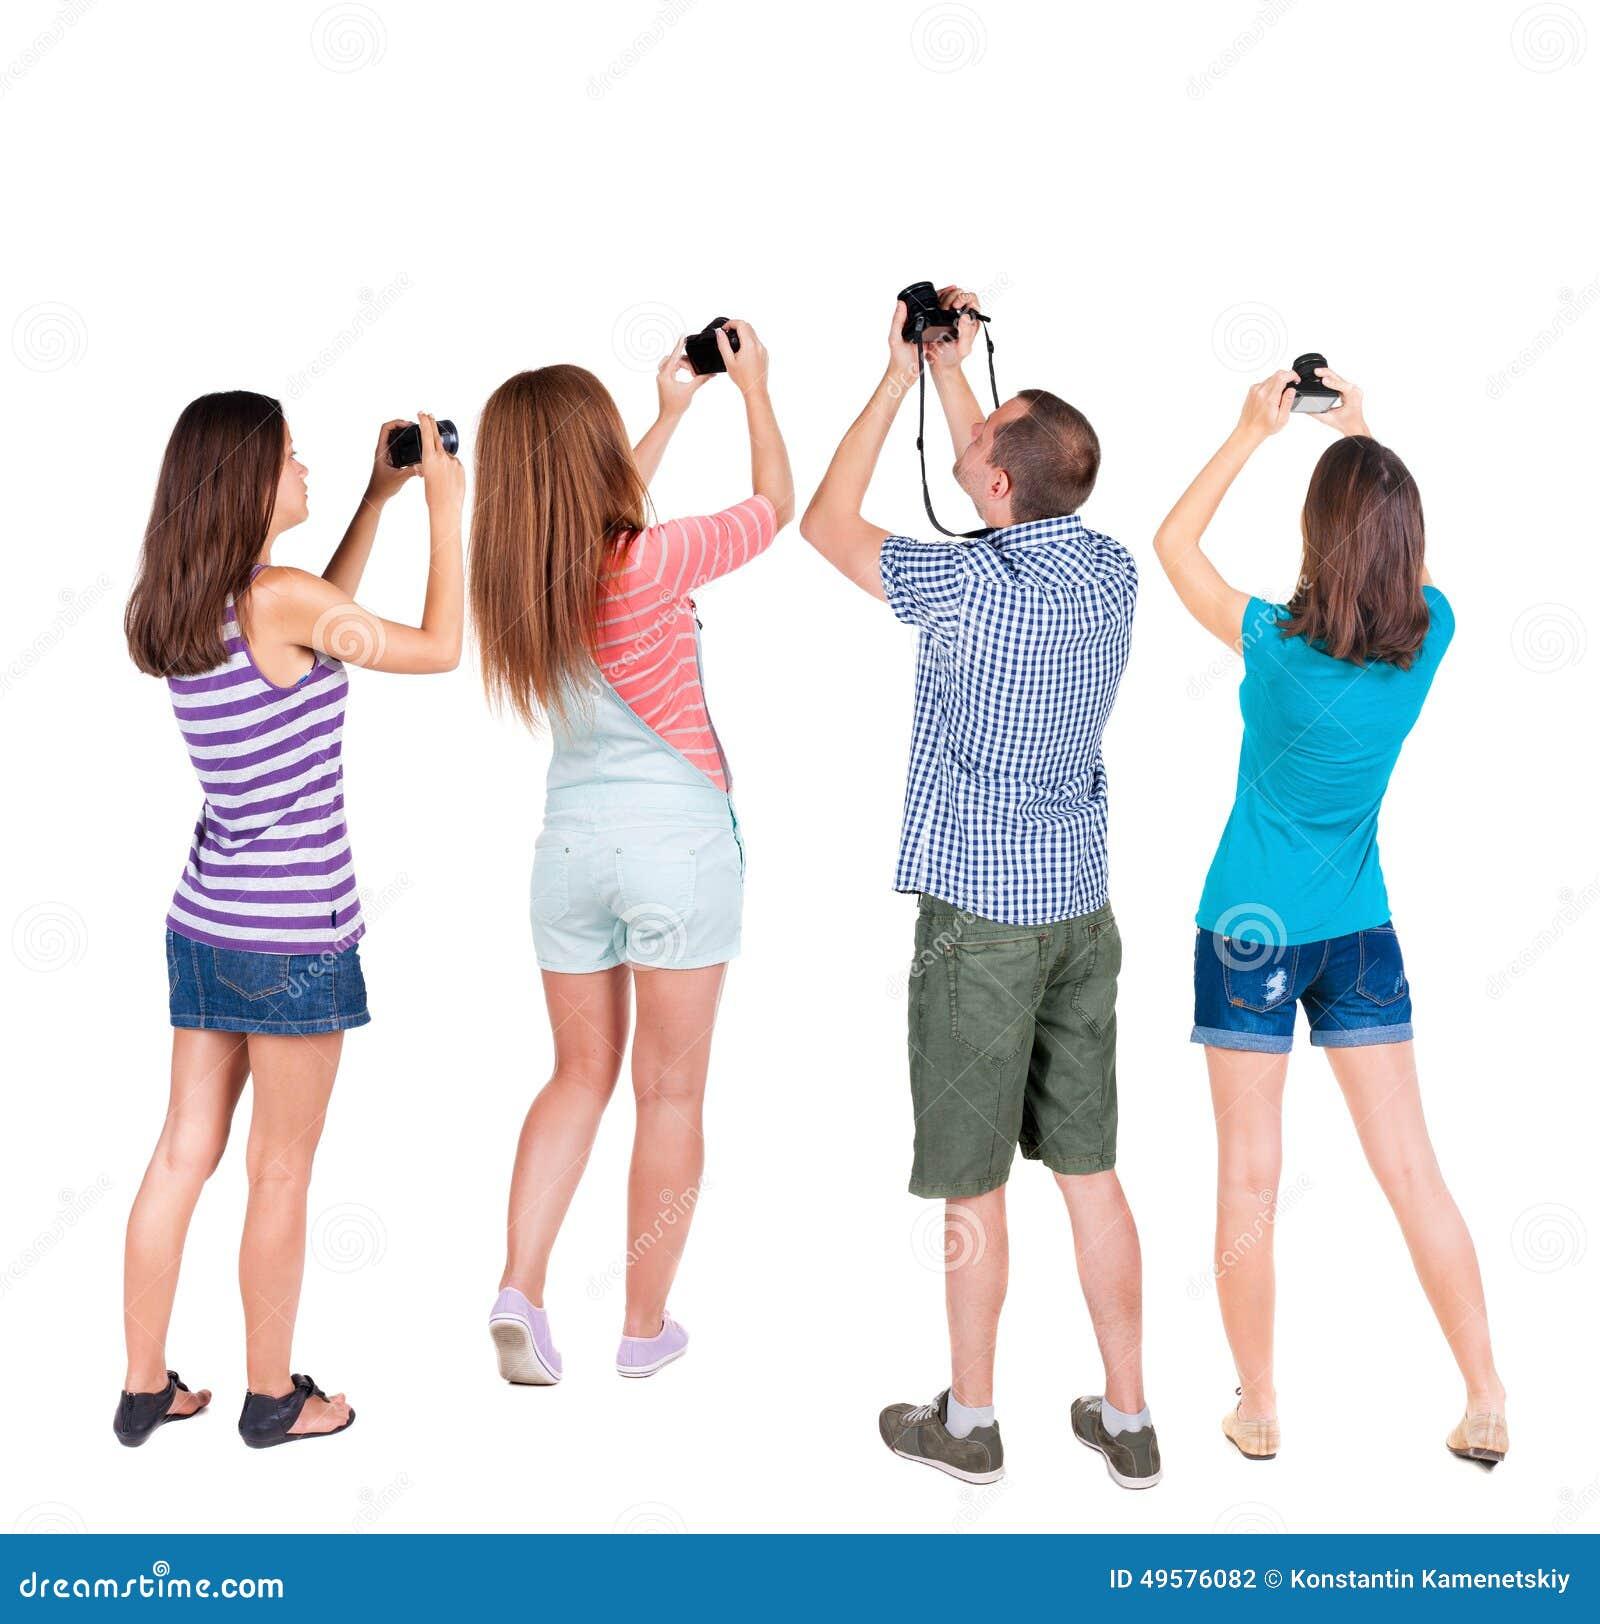 Tillbaka fotograferade dragningar för sikt grupp människor